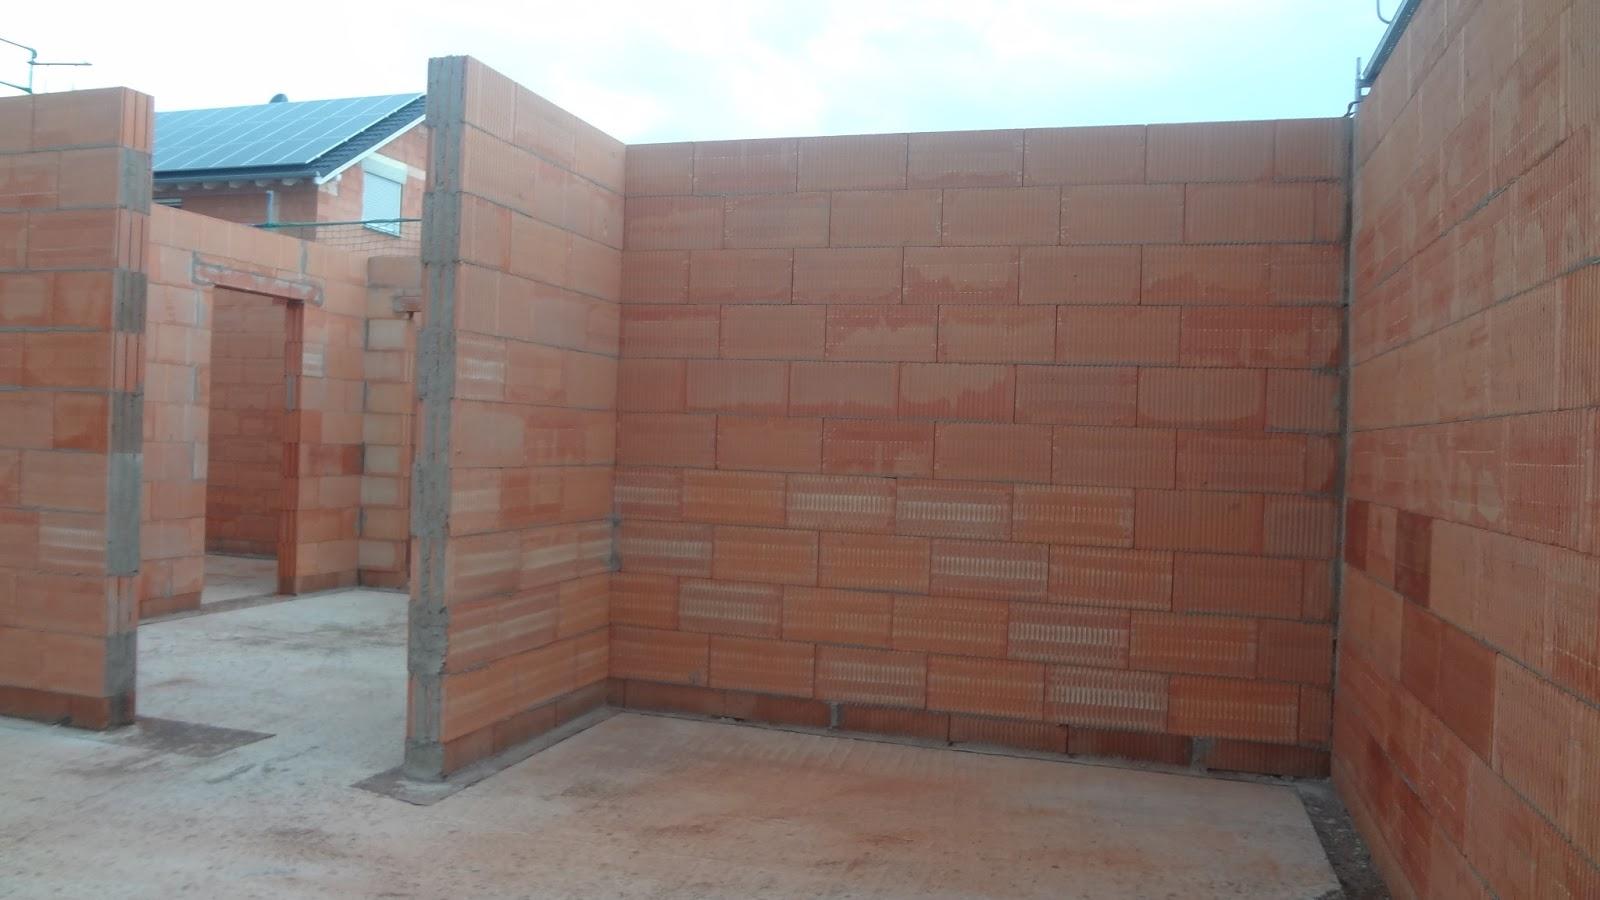 wir bauen unser h uschen mit heinz von heiden erdgeschoss ist gemauert. Black Bedroom Furniture Sets. Home Design Ideas